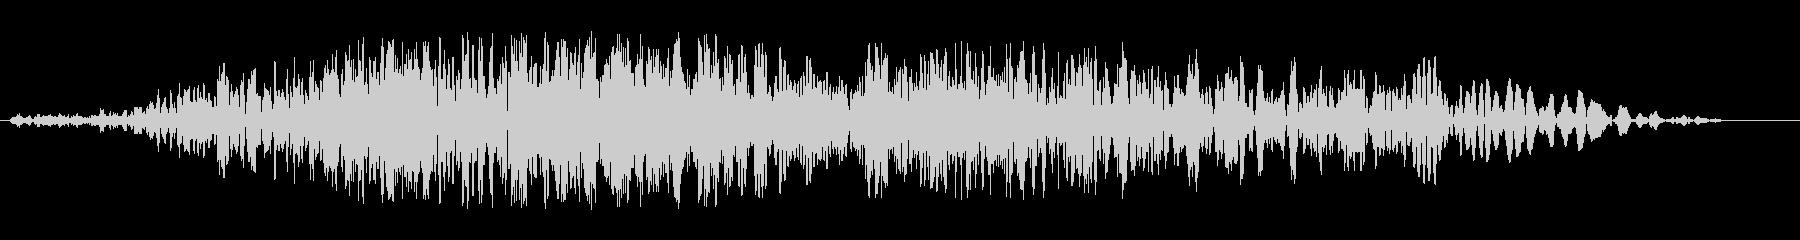 シュイビシューン(風の音)変化系の未再生の波形